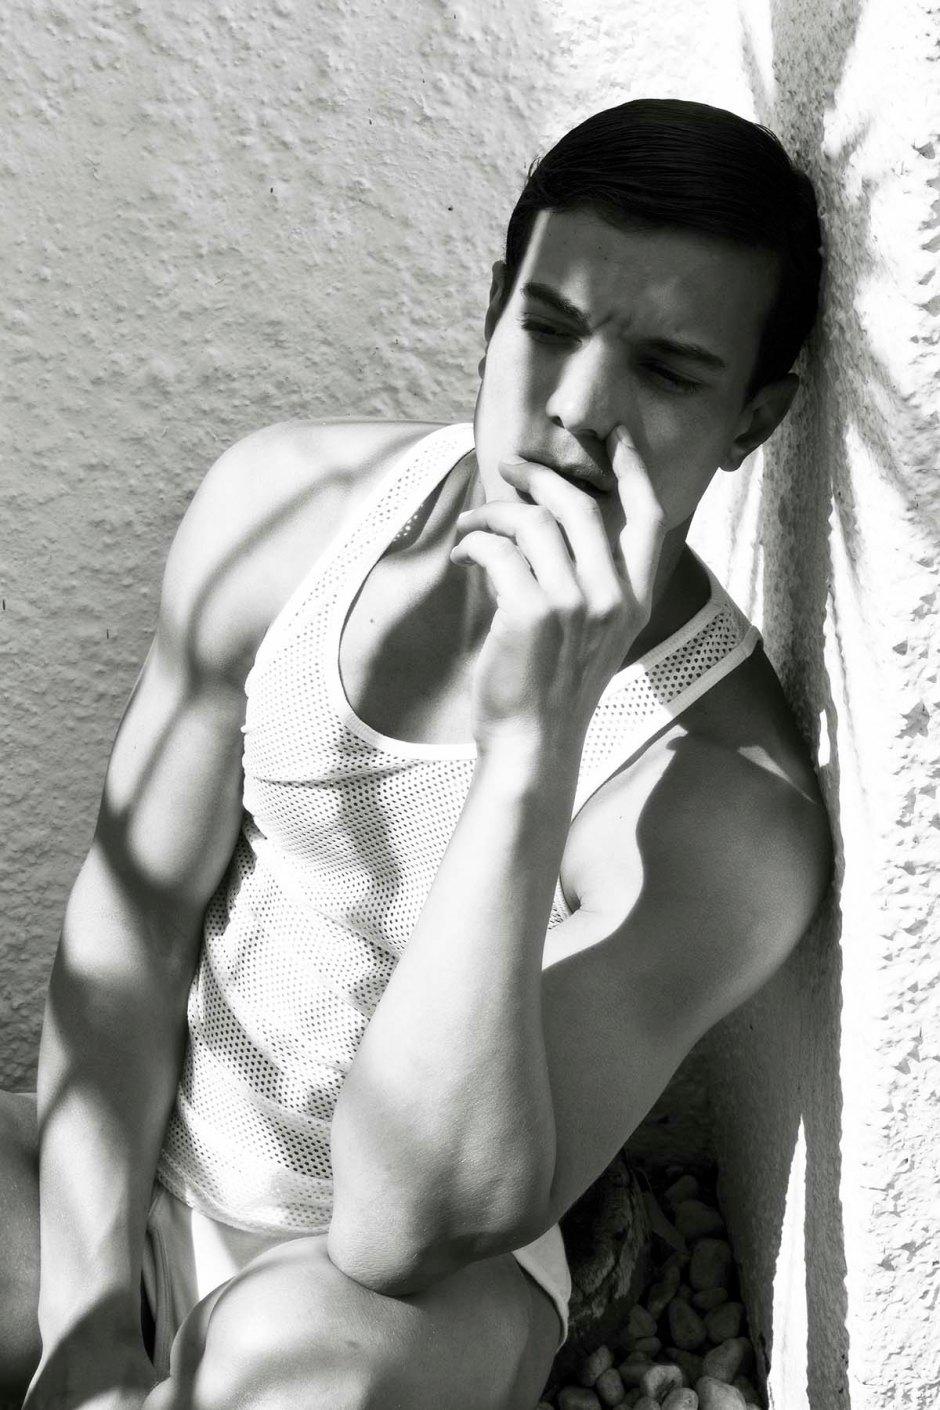 Sulevan Araujo by Rodrigo Moura for Brazilian Male Model_007